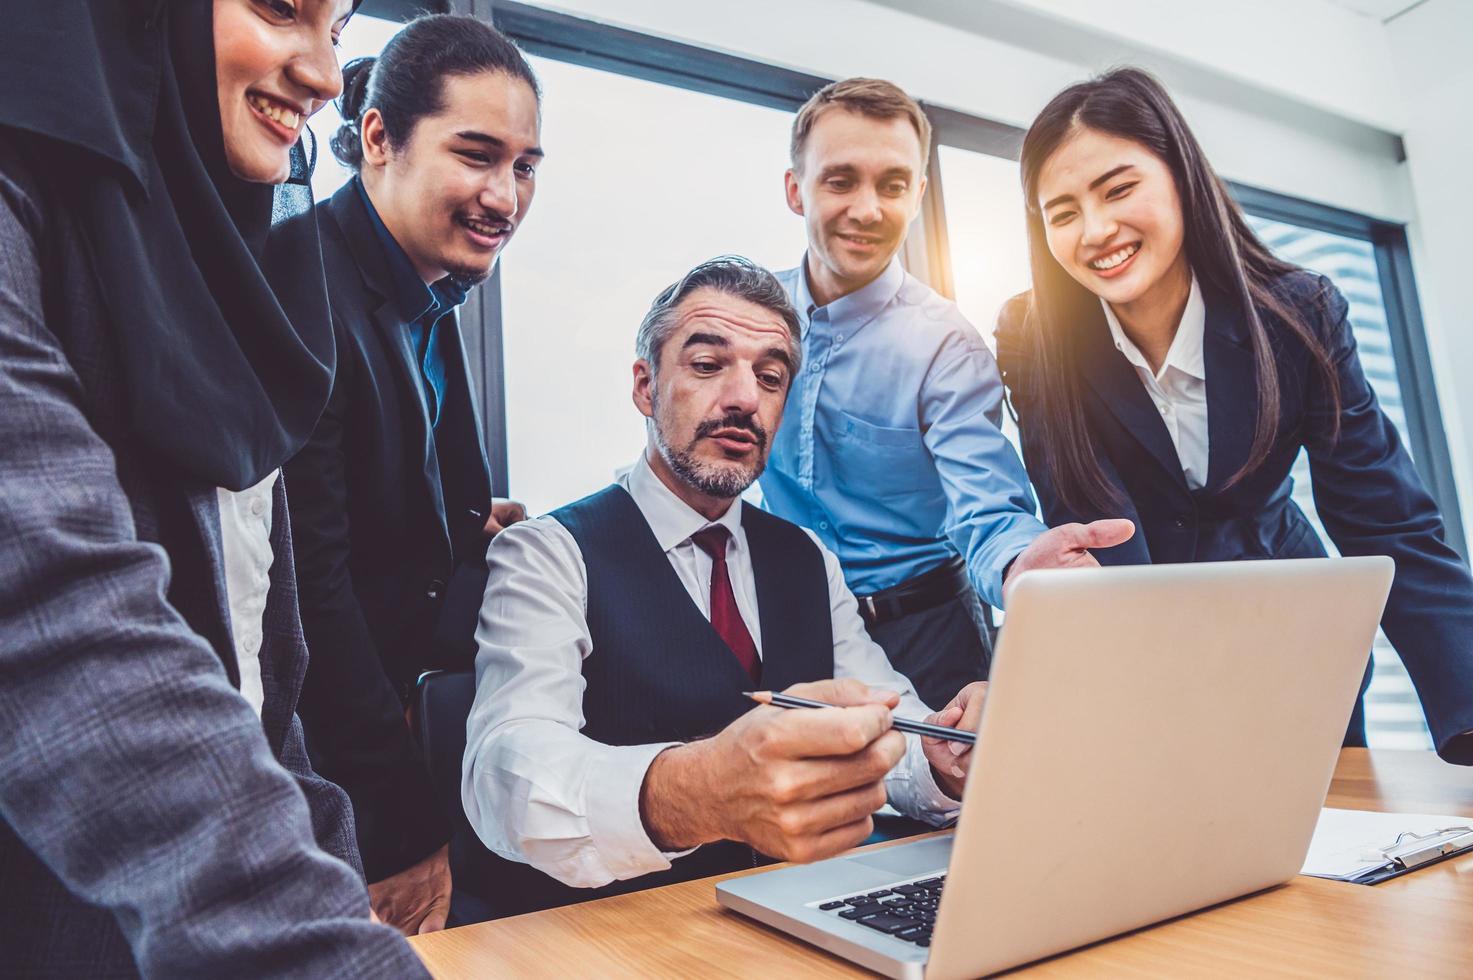 Gruppe von Geschäftsleuten, die am Laptop arbeiten foto